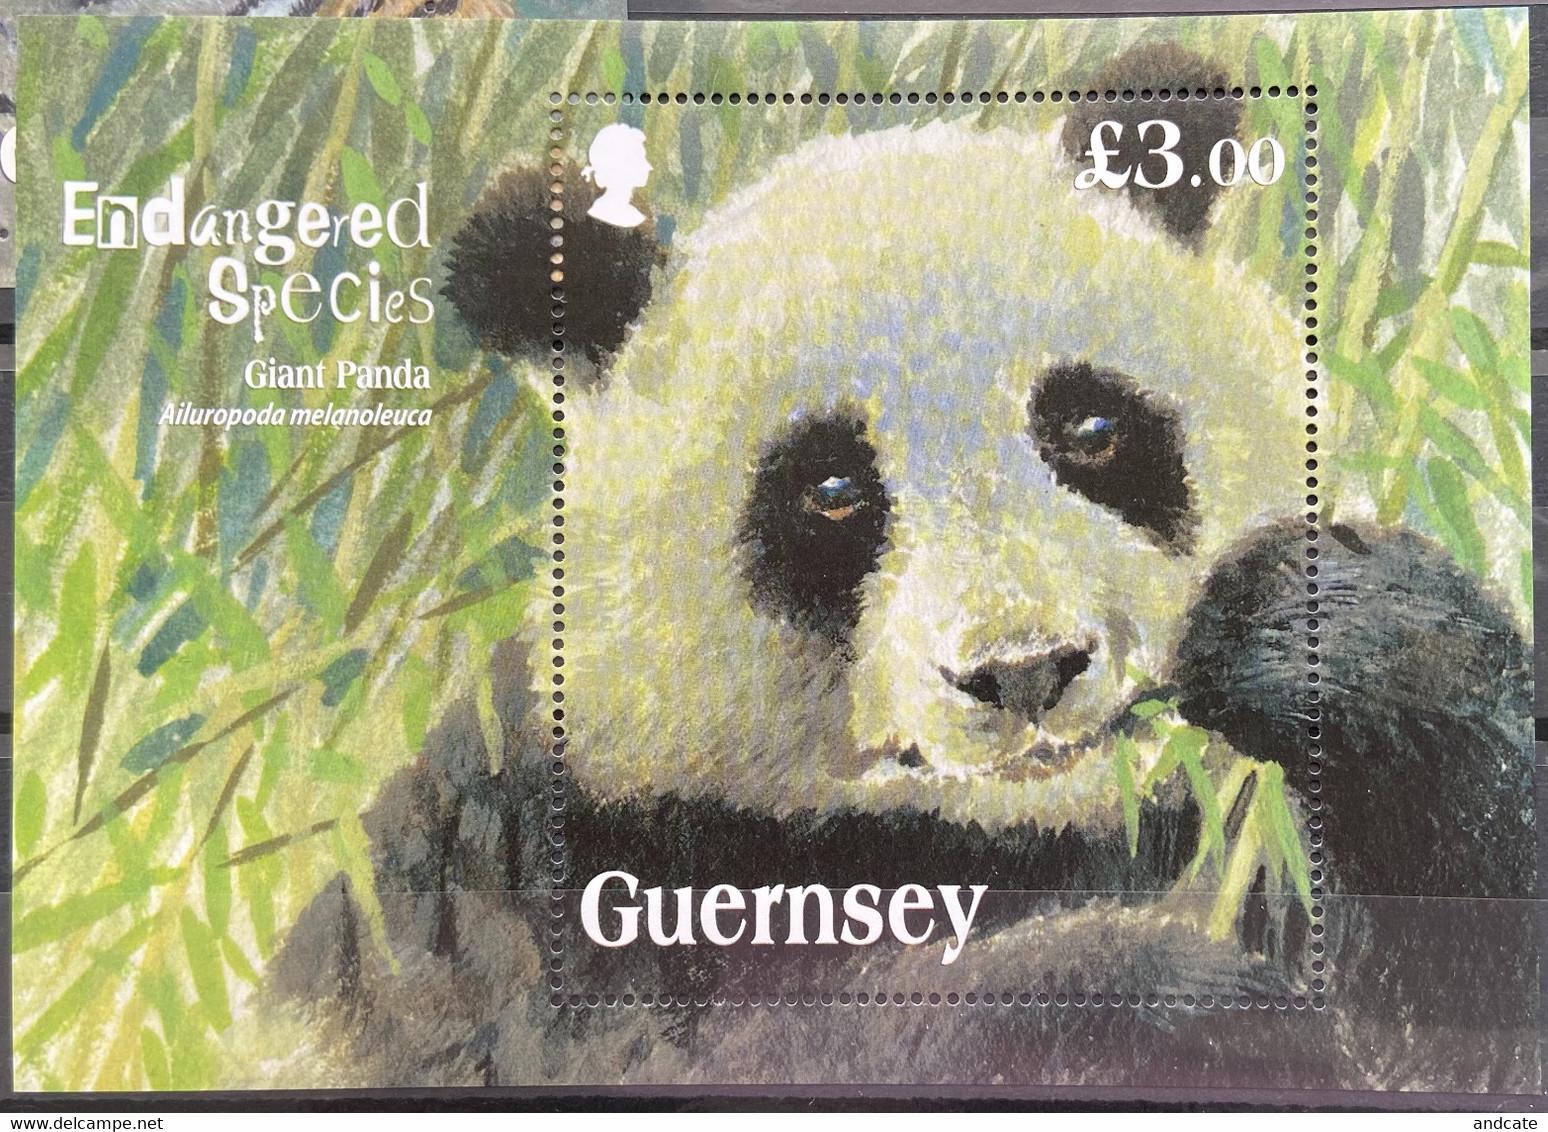 Guernsey 2013 MNH - Endangered Species Giant Panda - Guernsey